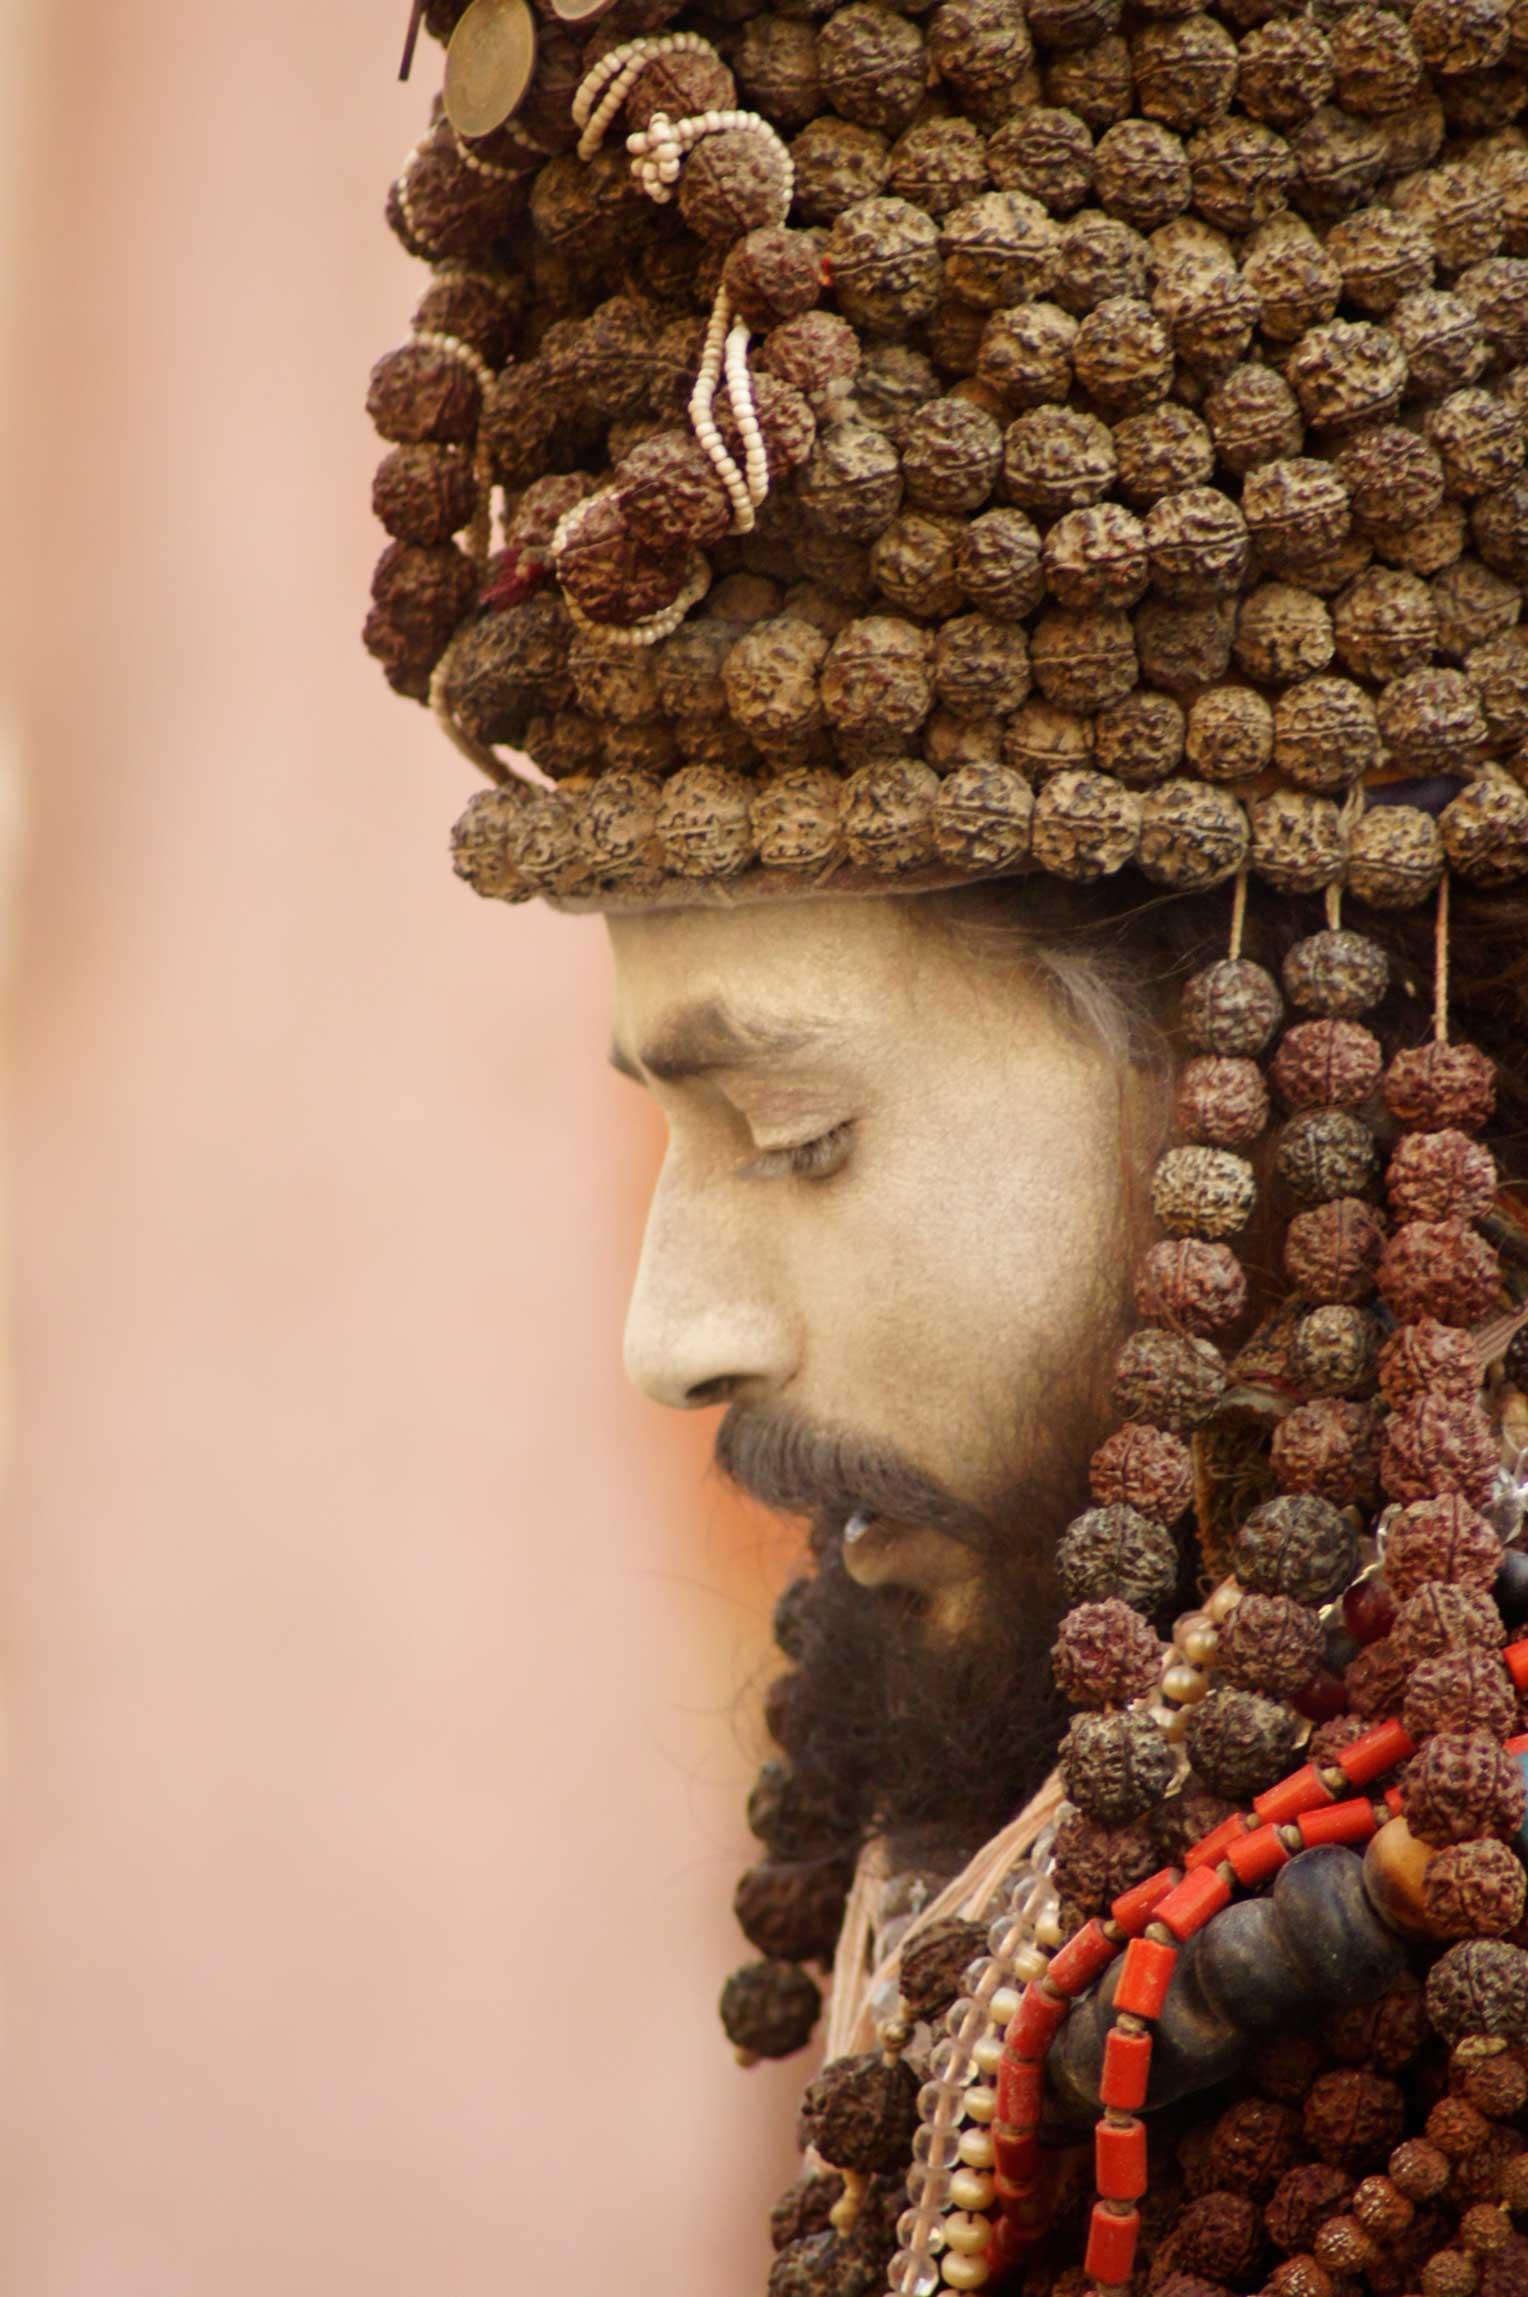 Indien-Febr.2013-(Phyllis-Bilder)-1592